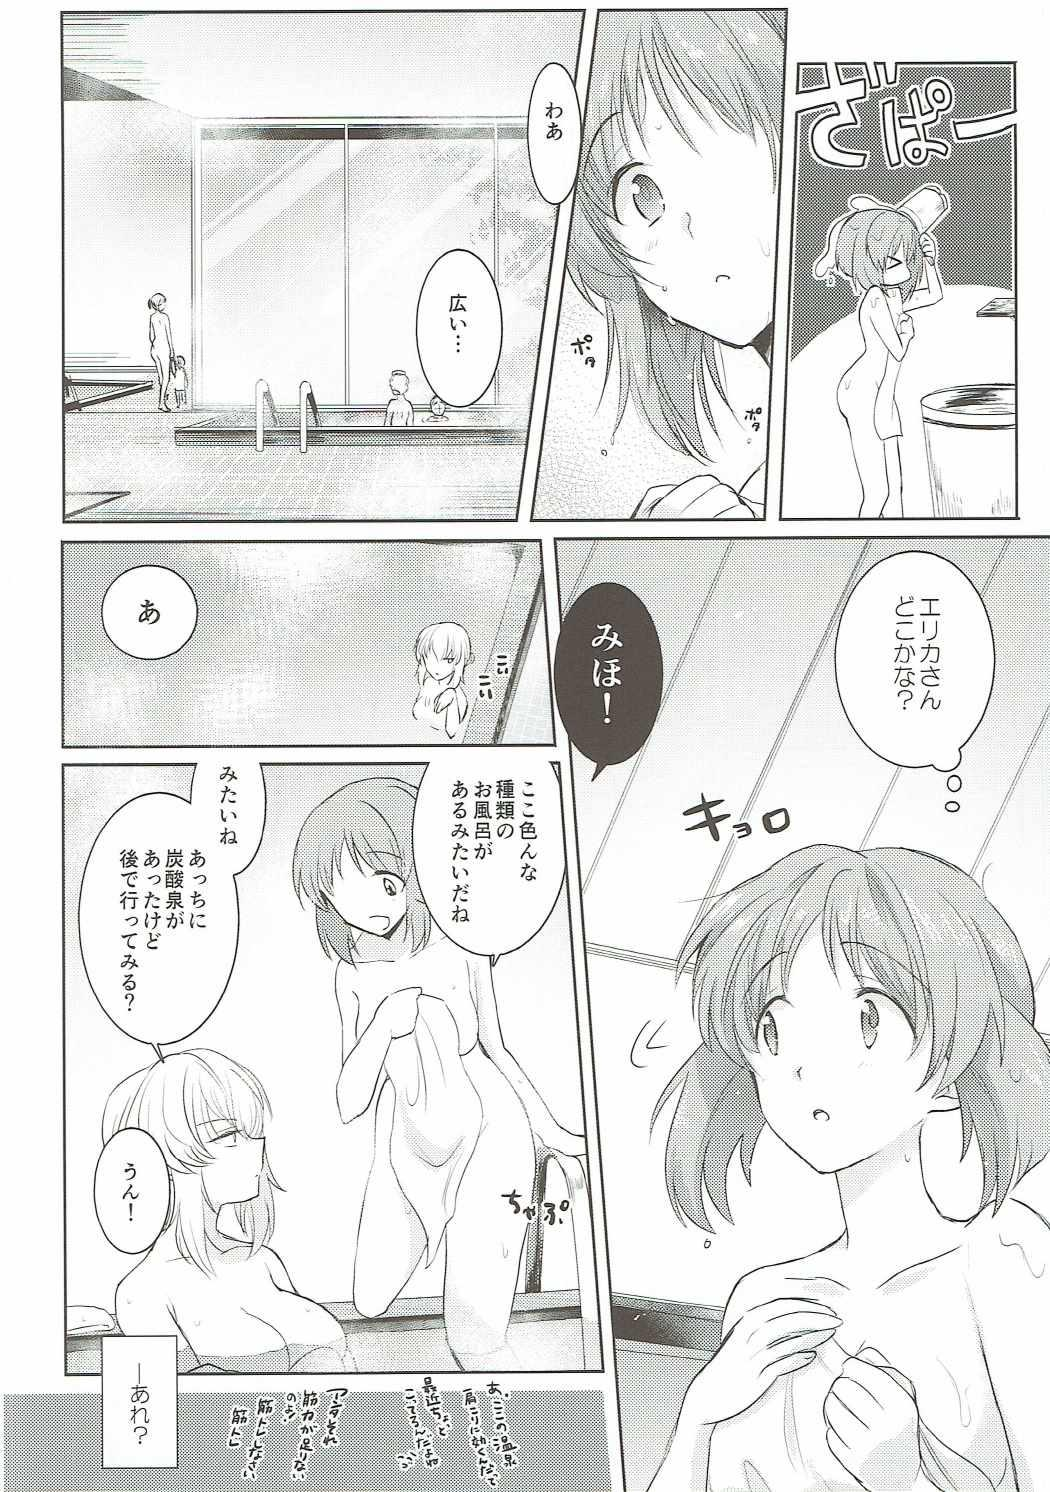 Futarikiri no Natsu 8